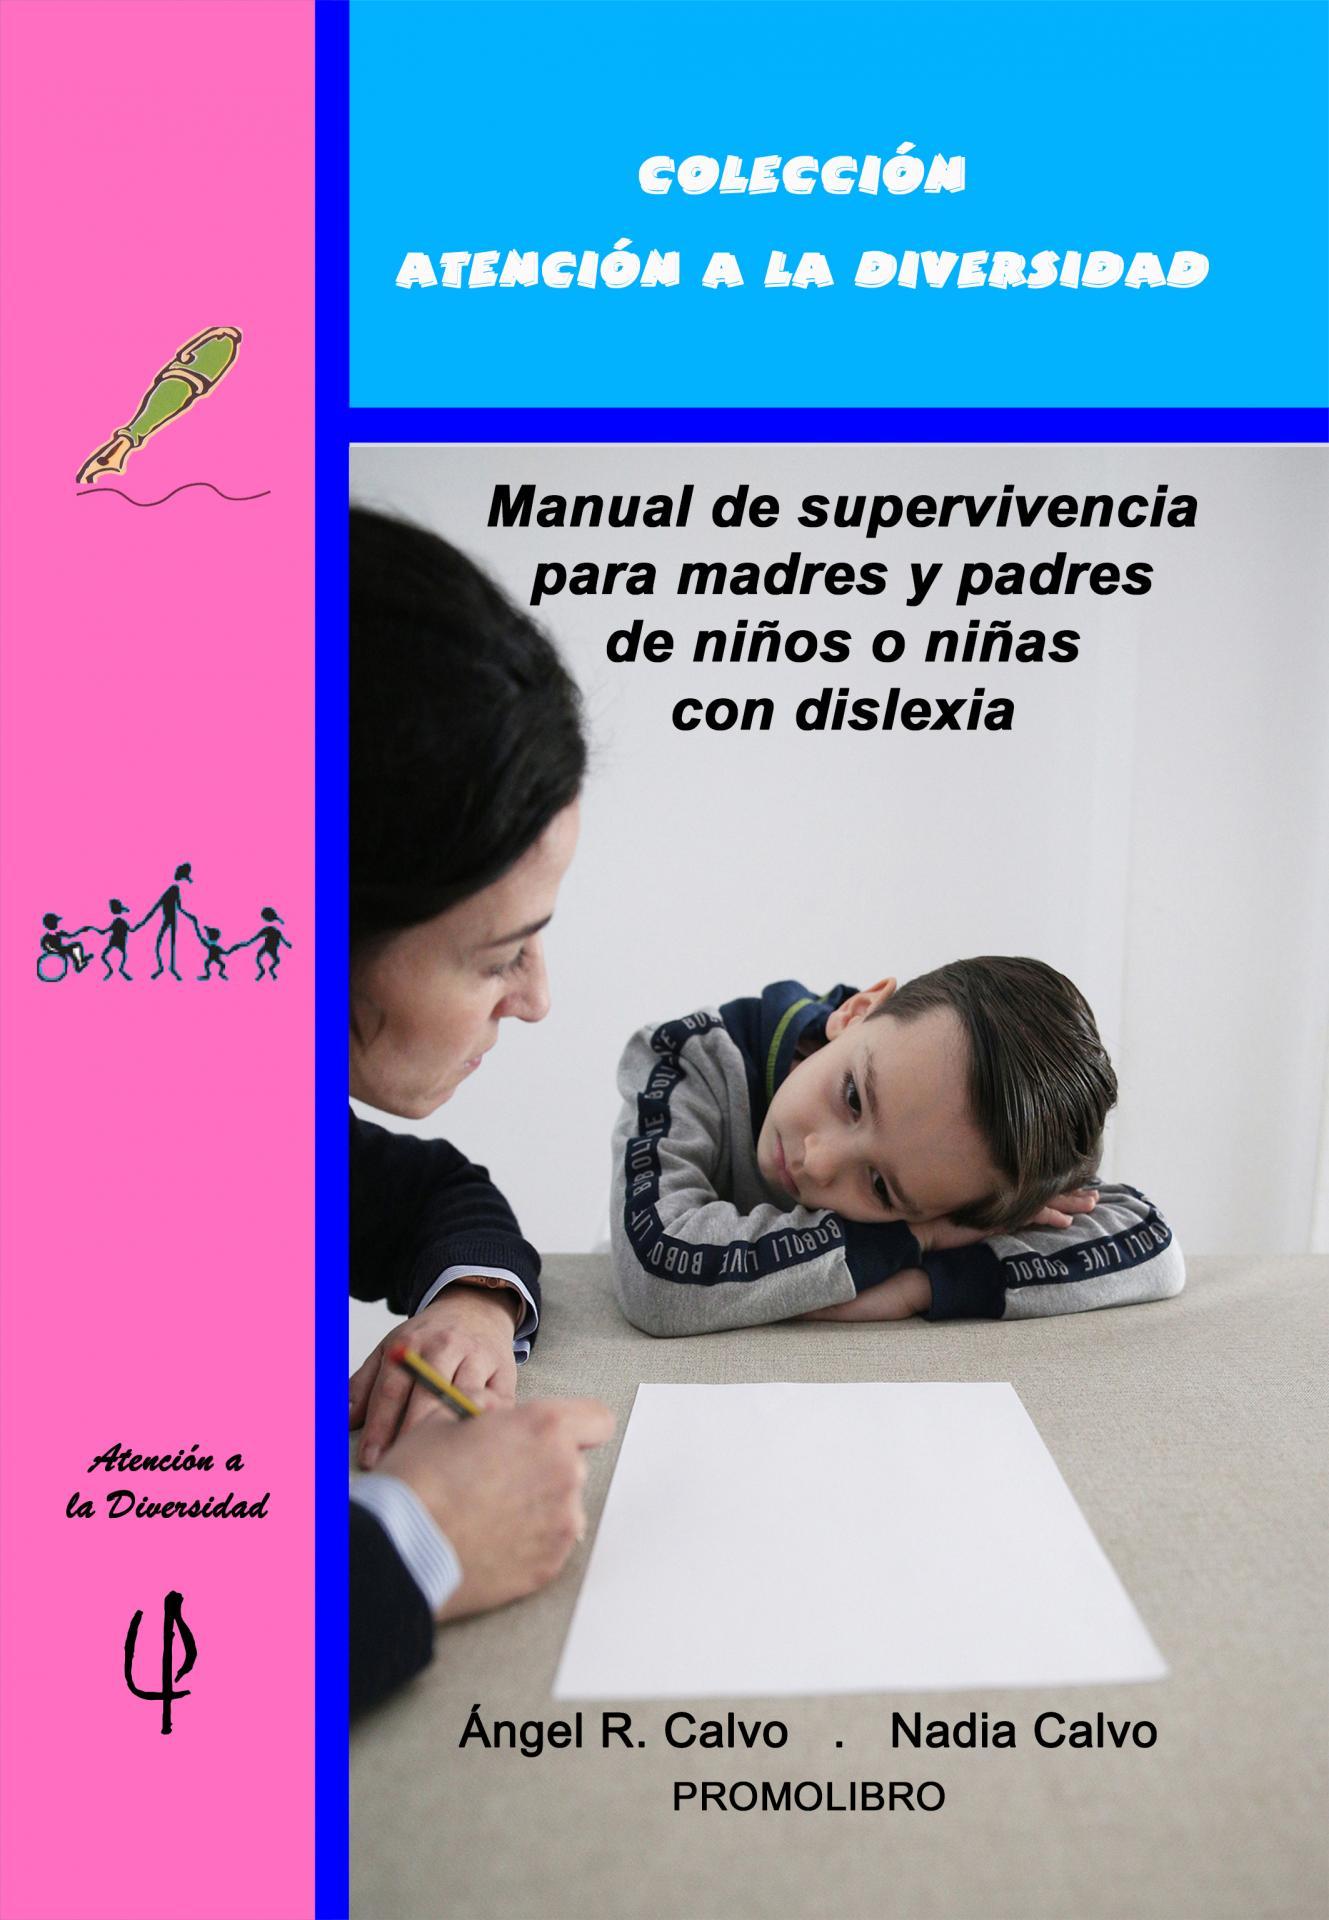 MANUAL DE SUPERVIVENCIA PARA MADRES Y PADRES DE NIÑOS O NIÑAS CON DISLEXIA. Ángel R. Calvo; Nadia Clavo